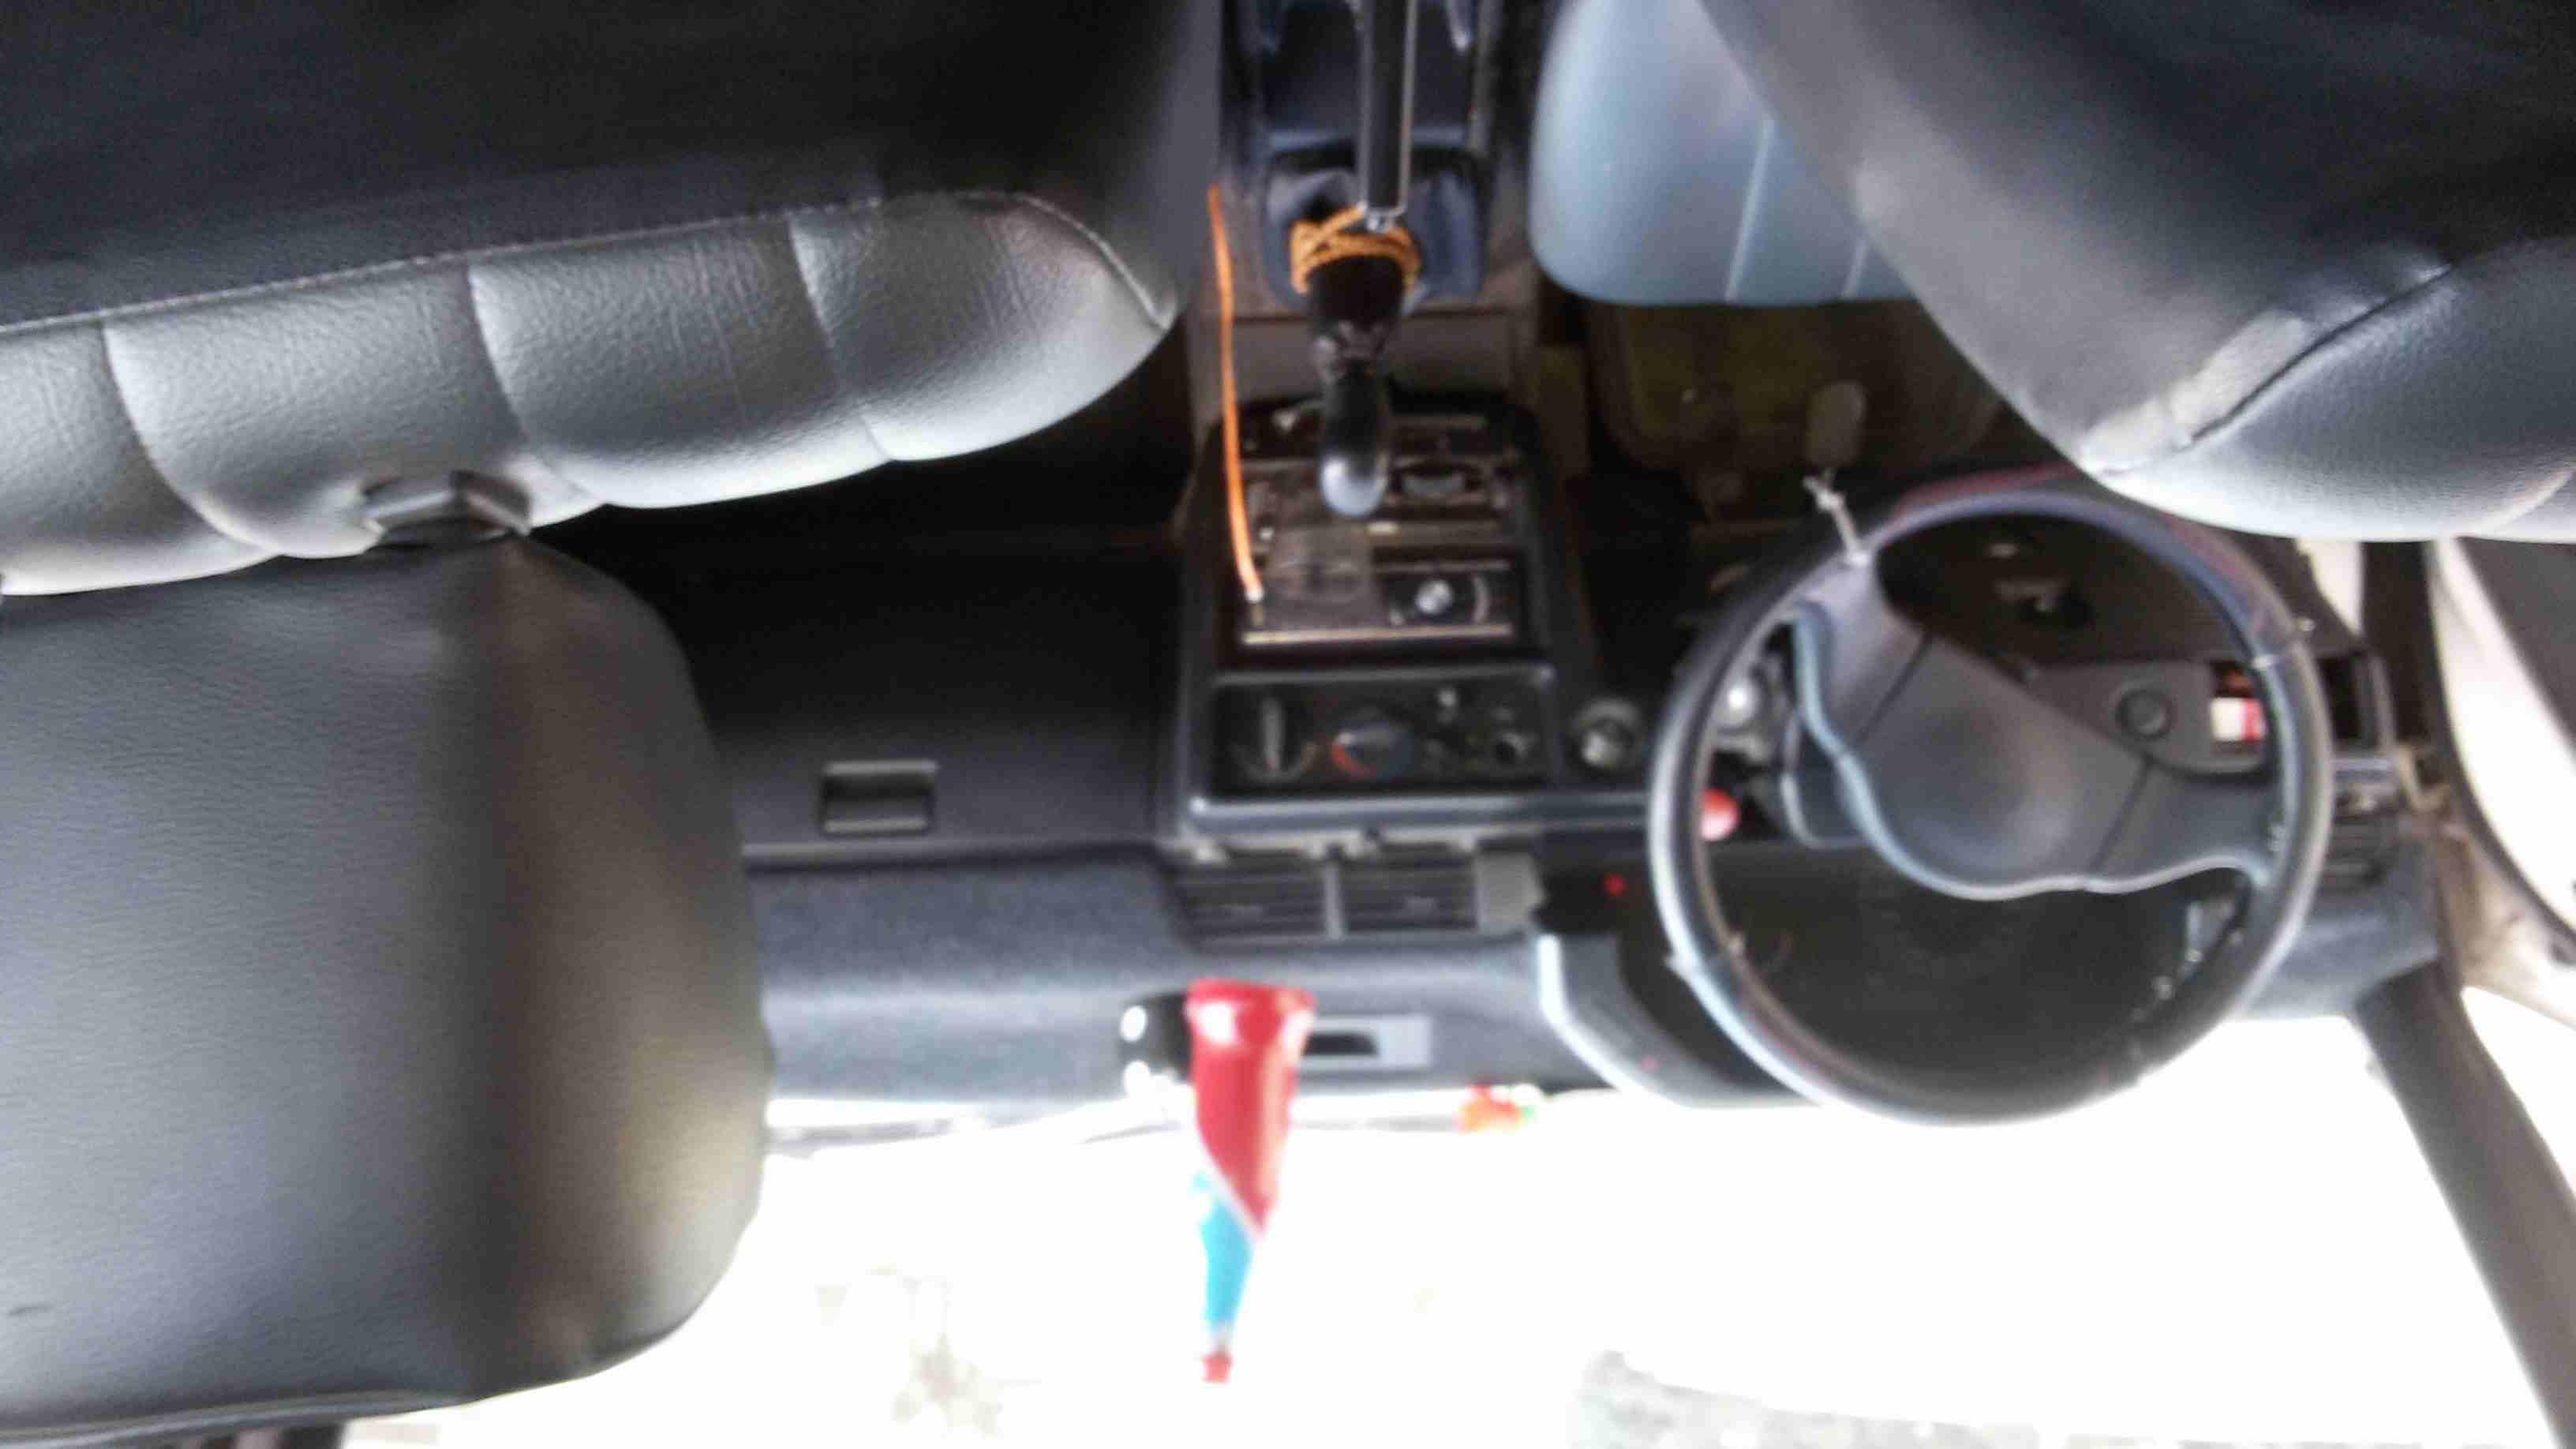 تويوتا لاند كروزر برادو 4.0L V6 TXL1 2011 مستعملة-  ميتسوبيشي لانسر 91 اوروبي...